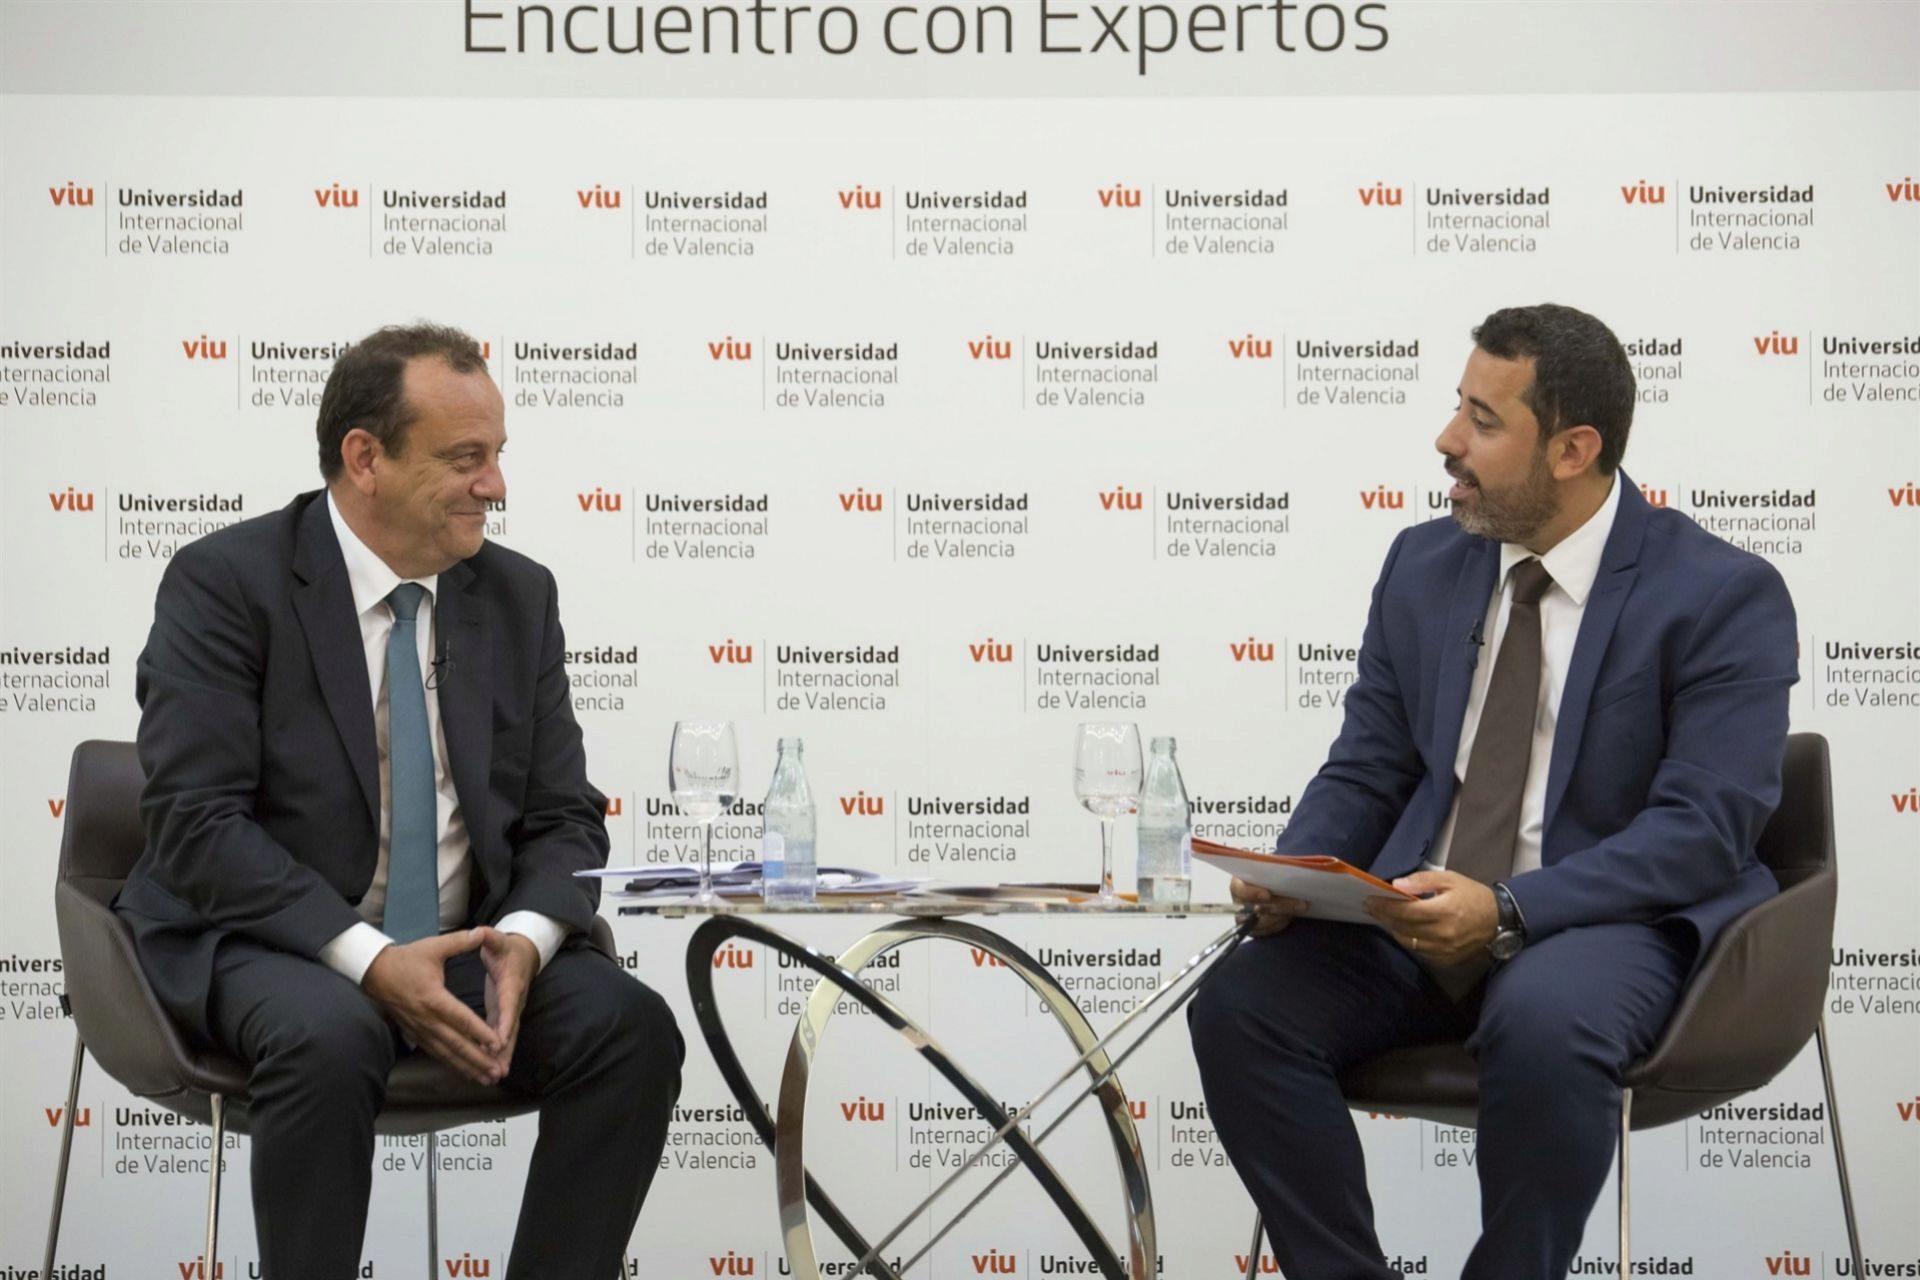 Pedro Horrach en su intervención en la VIU